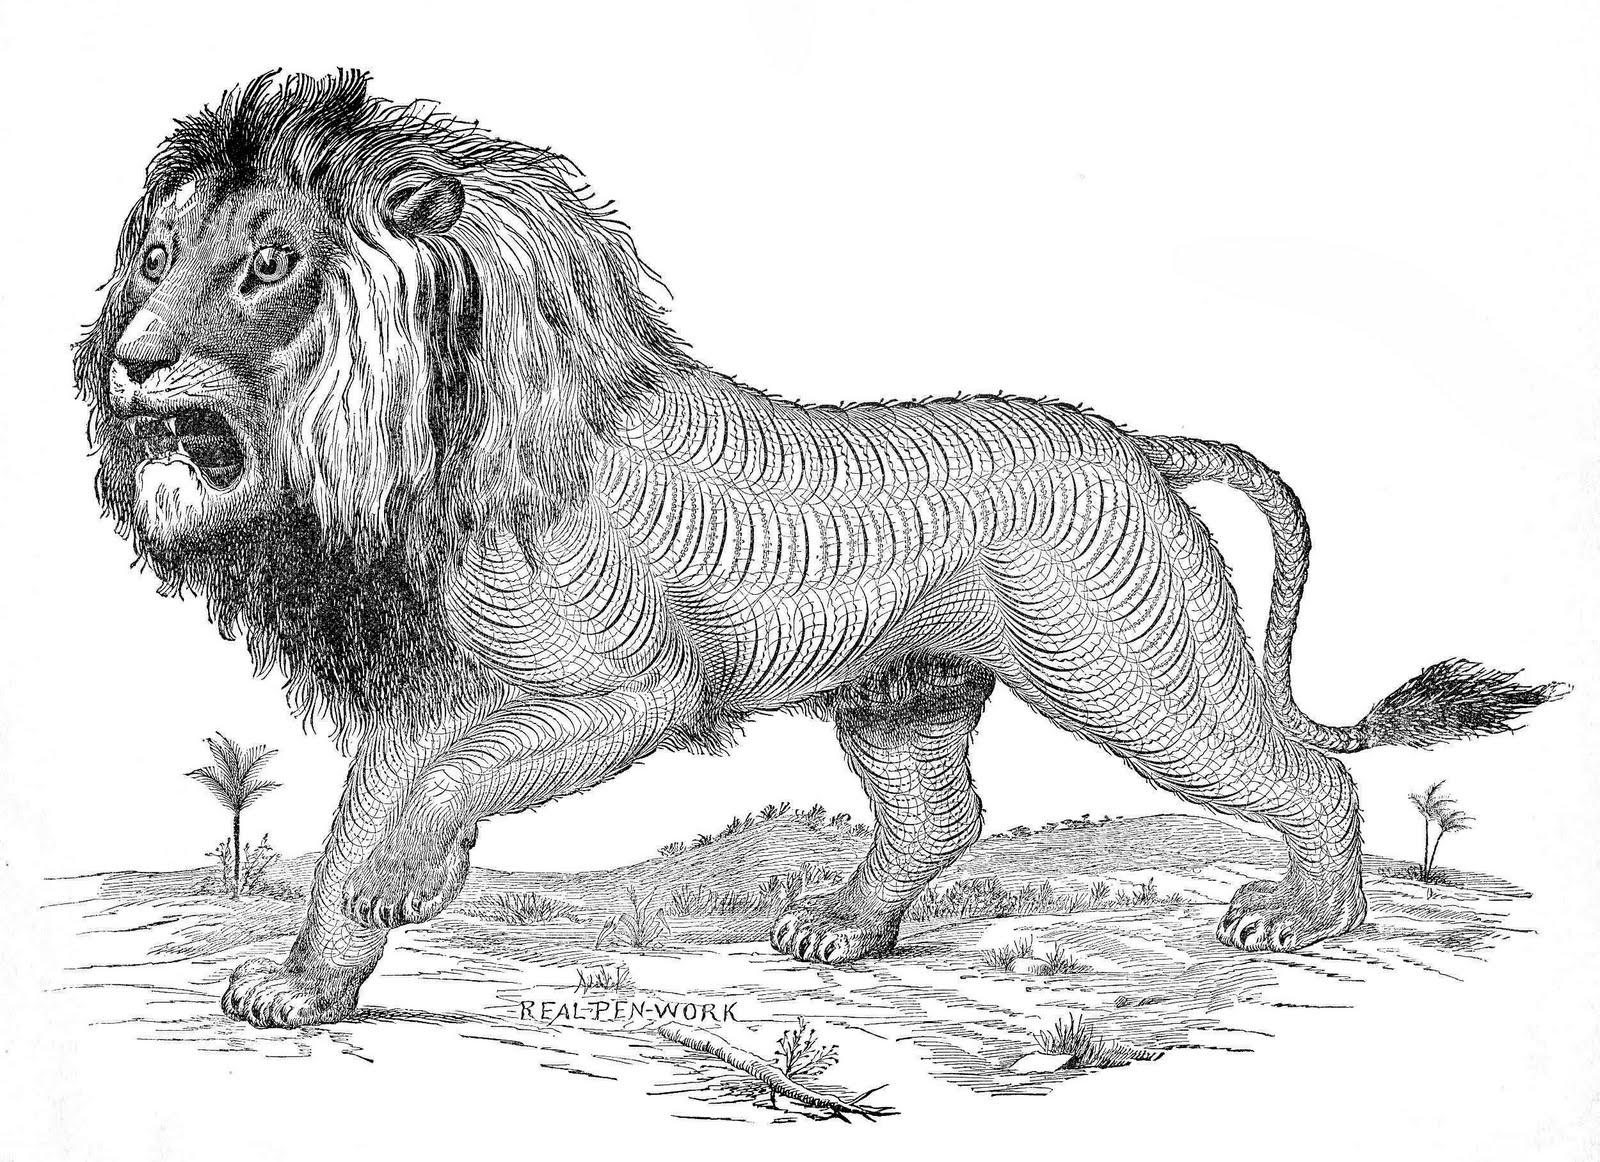 Free Antique Clip Art - Pen Flourished Lion - The Graphics ...